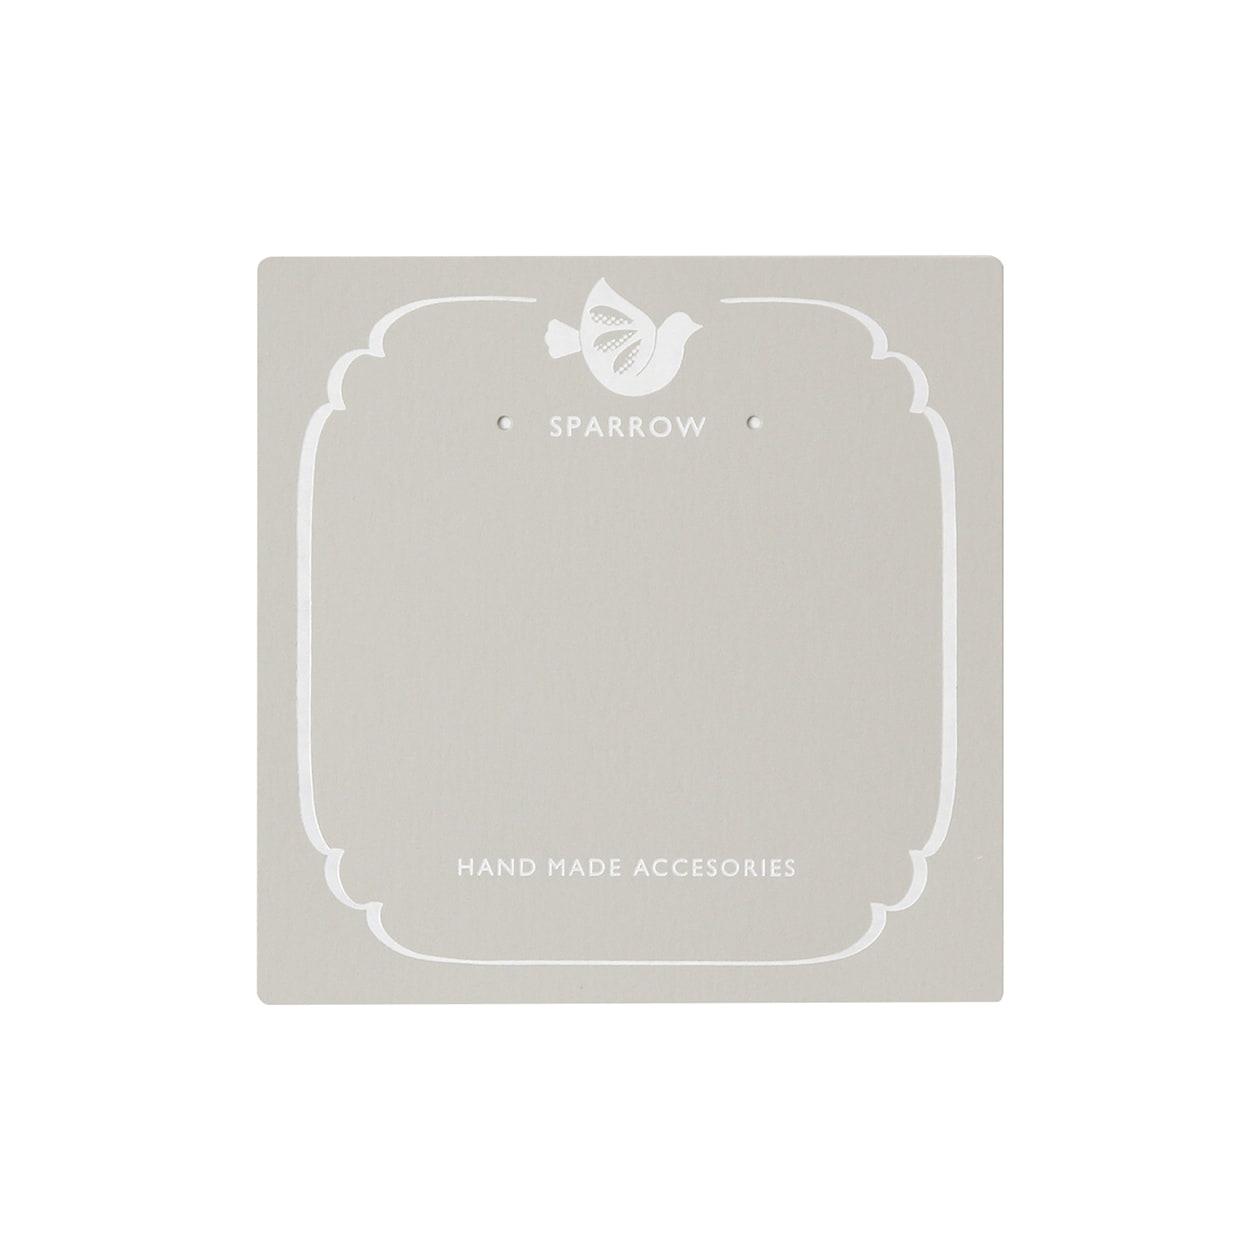 サンプル カード・シート 00200